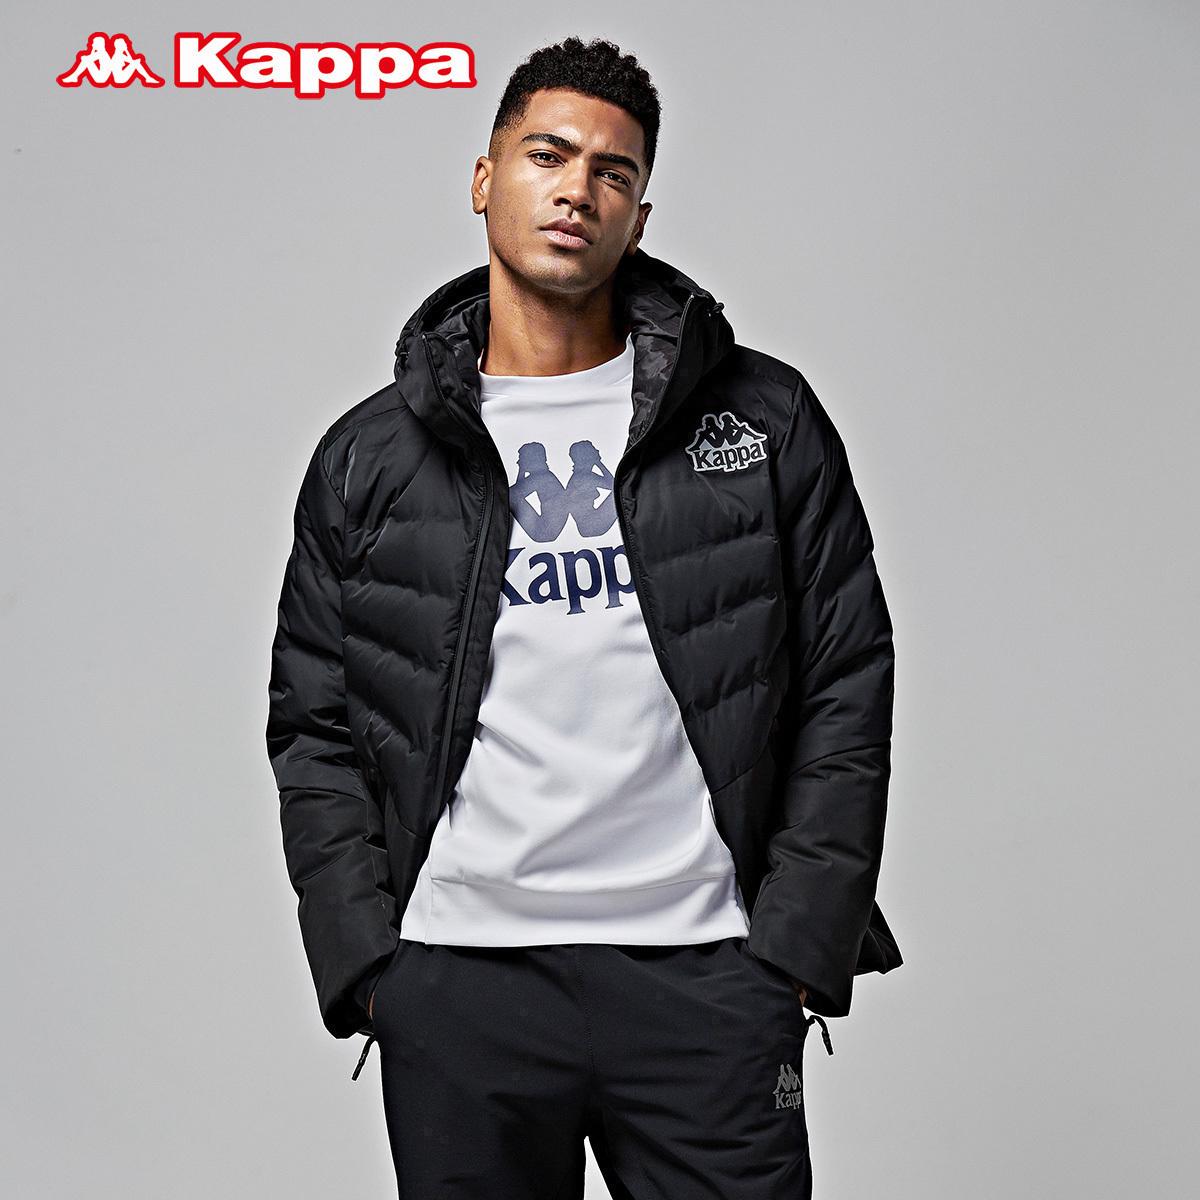 背靠背Kappa卡帕男款羽绒服运动休闲加厚保暖外套 秋冬 K0752YY31